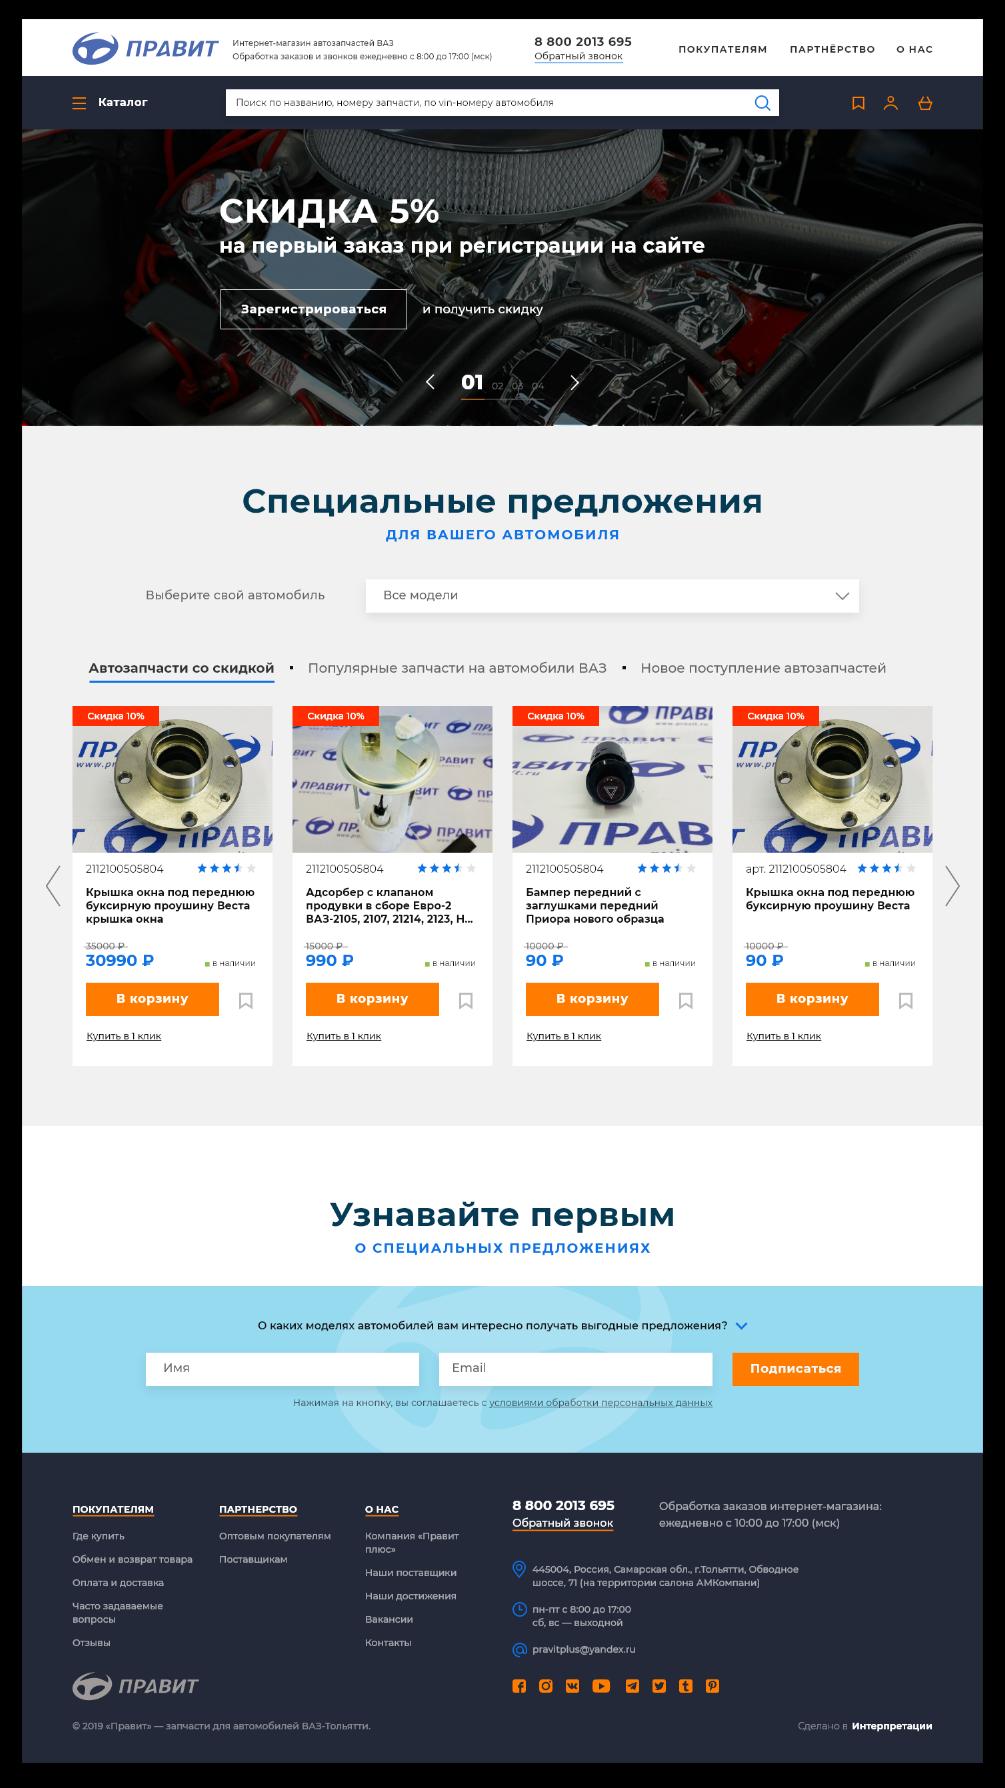 Главная страница интернет-магазина автозапчастей «Правит»